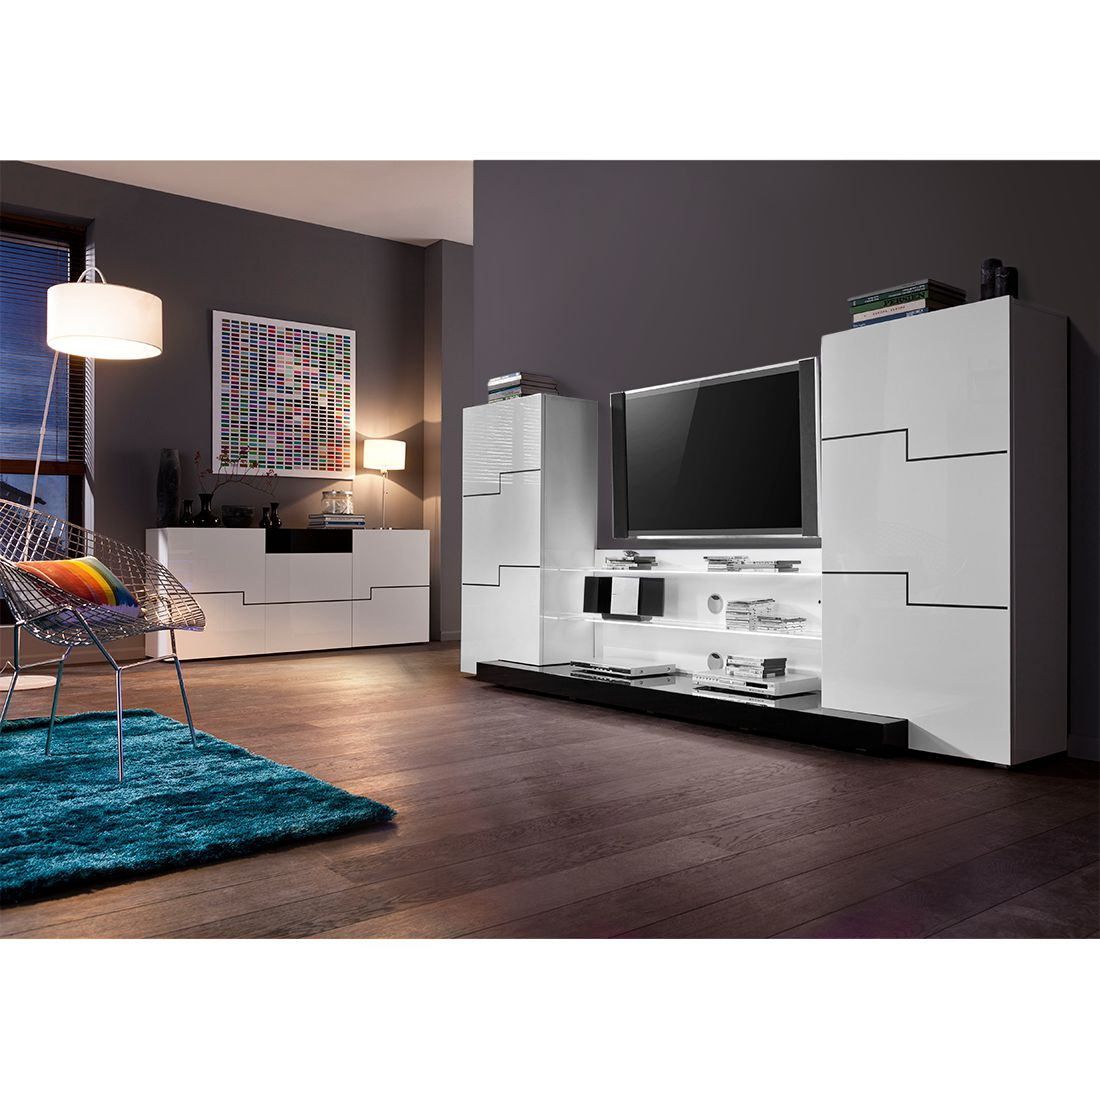 Wohnzimmerschrank Ohne Tv Twin Hochglanz Wei Mit Beleuchtung Wandboard Roomscape